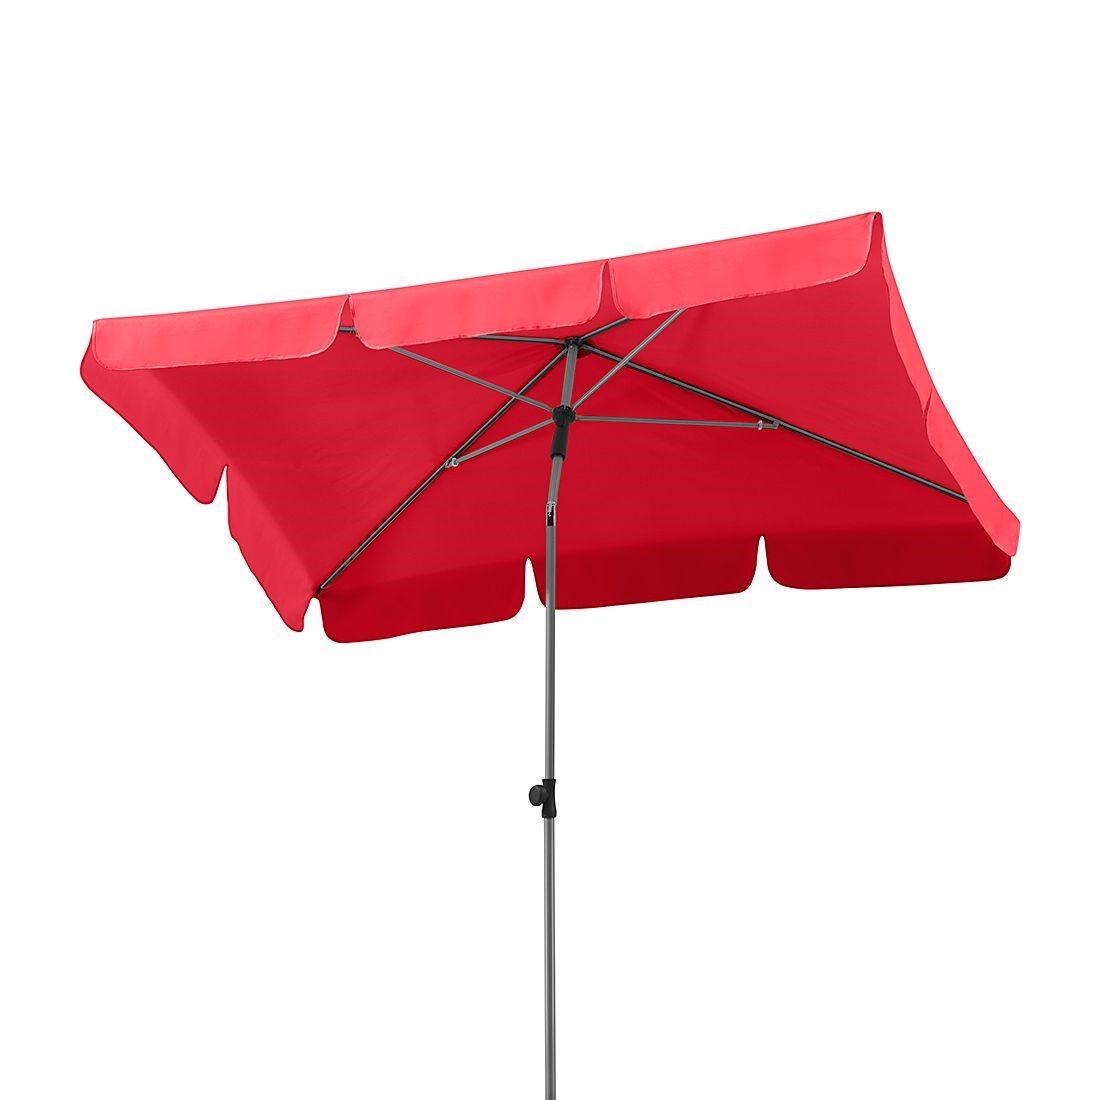 Home 24 - Parasol micco iii - acier / polyester - argenté / rouge, schneider schirme